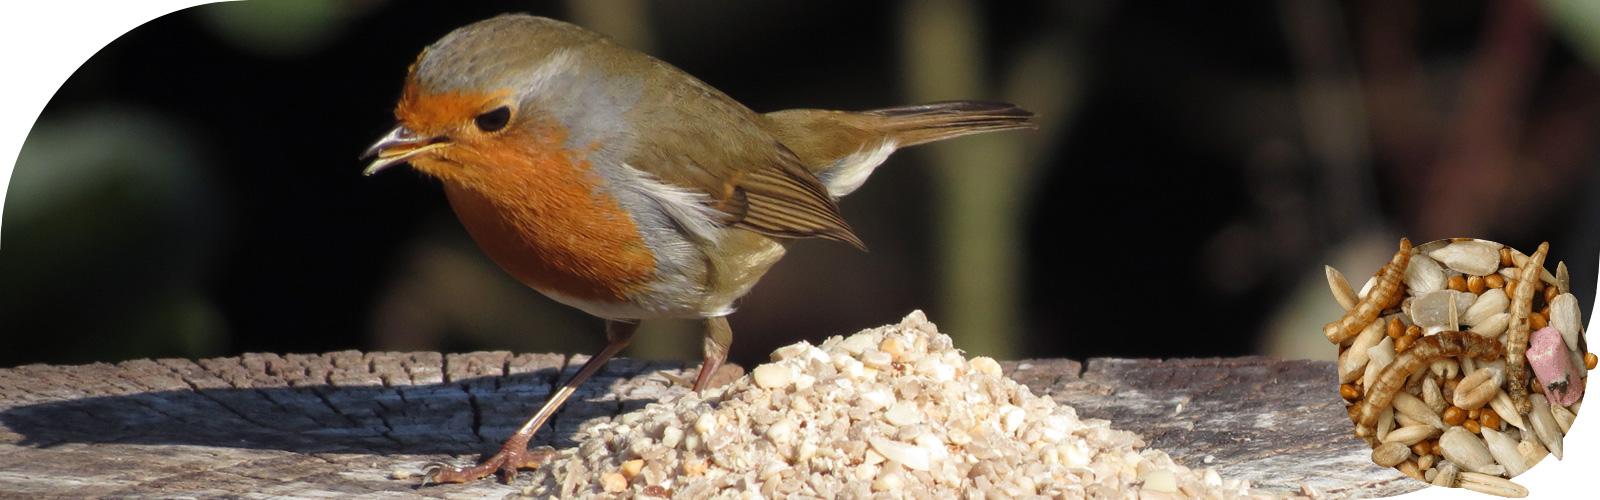 Speciaal voer - Speciaal vogelvoer voor specifieke vogelsoorten